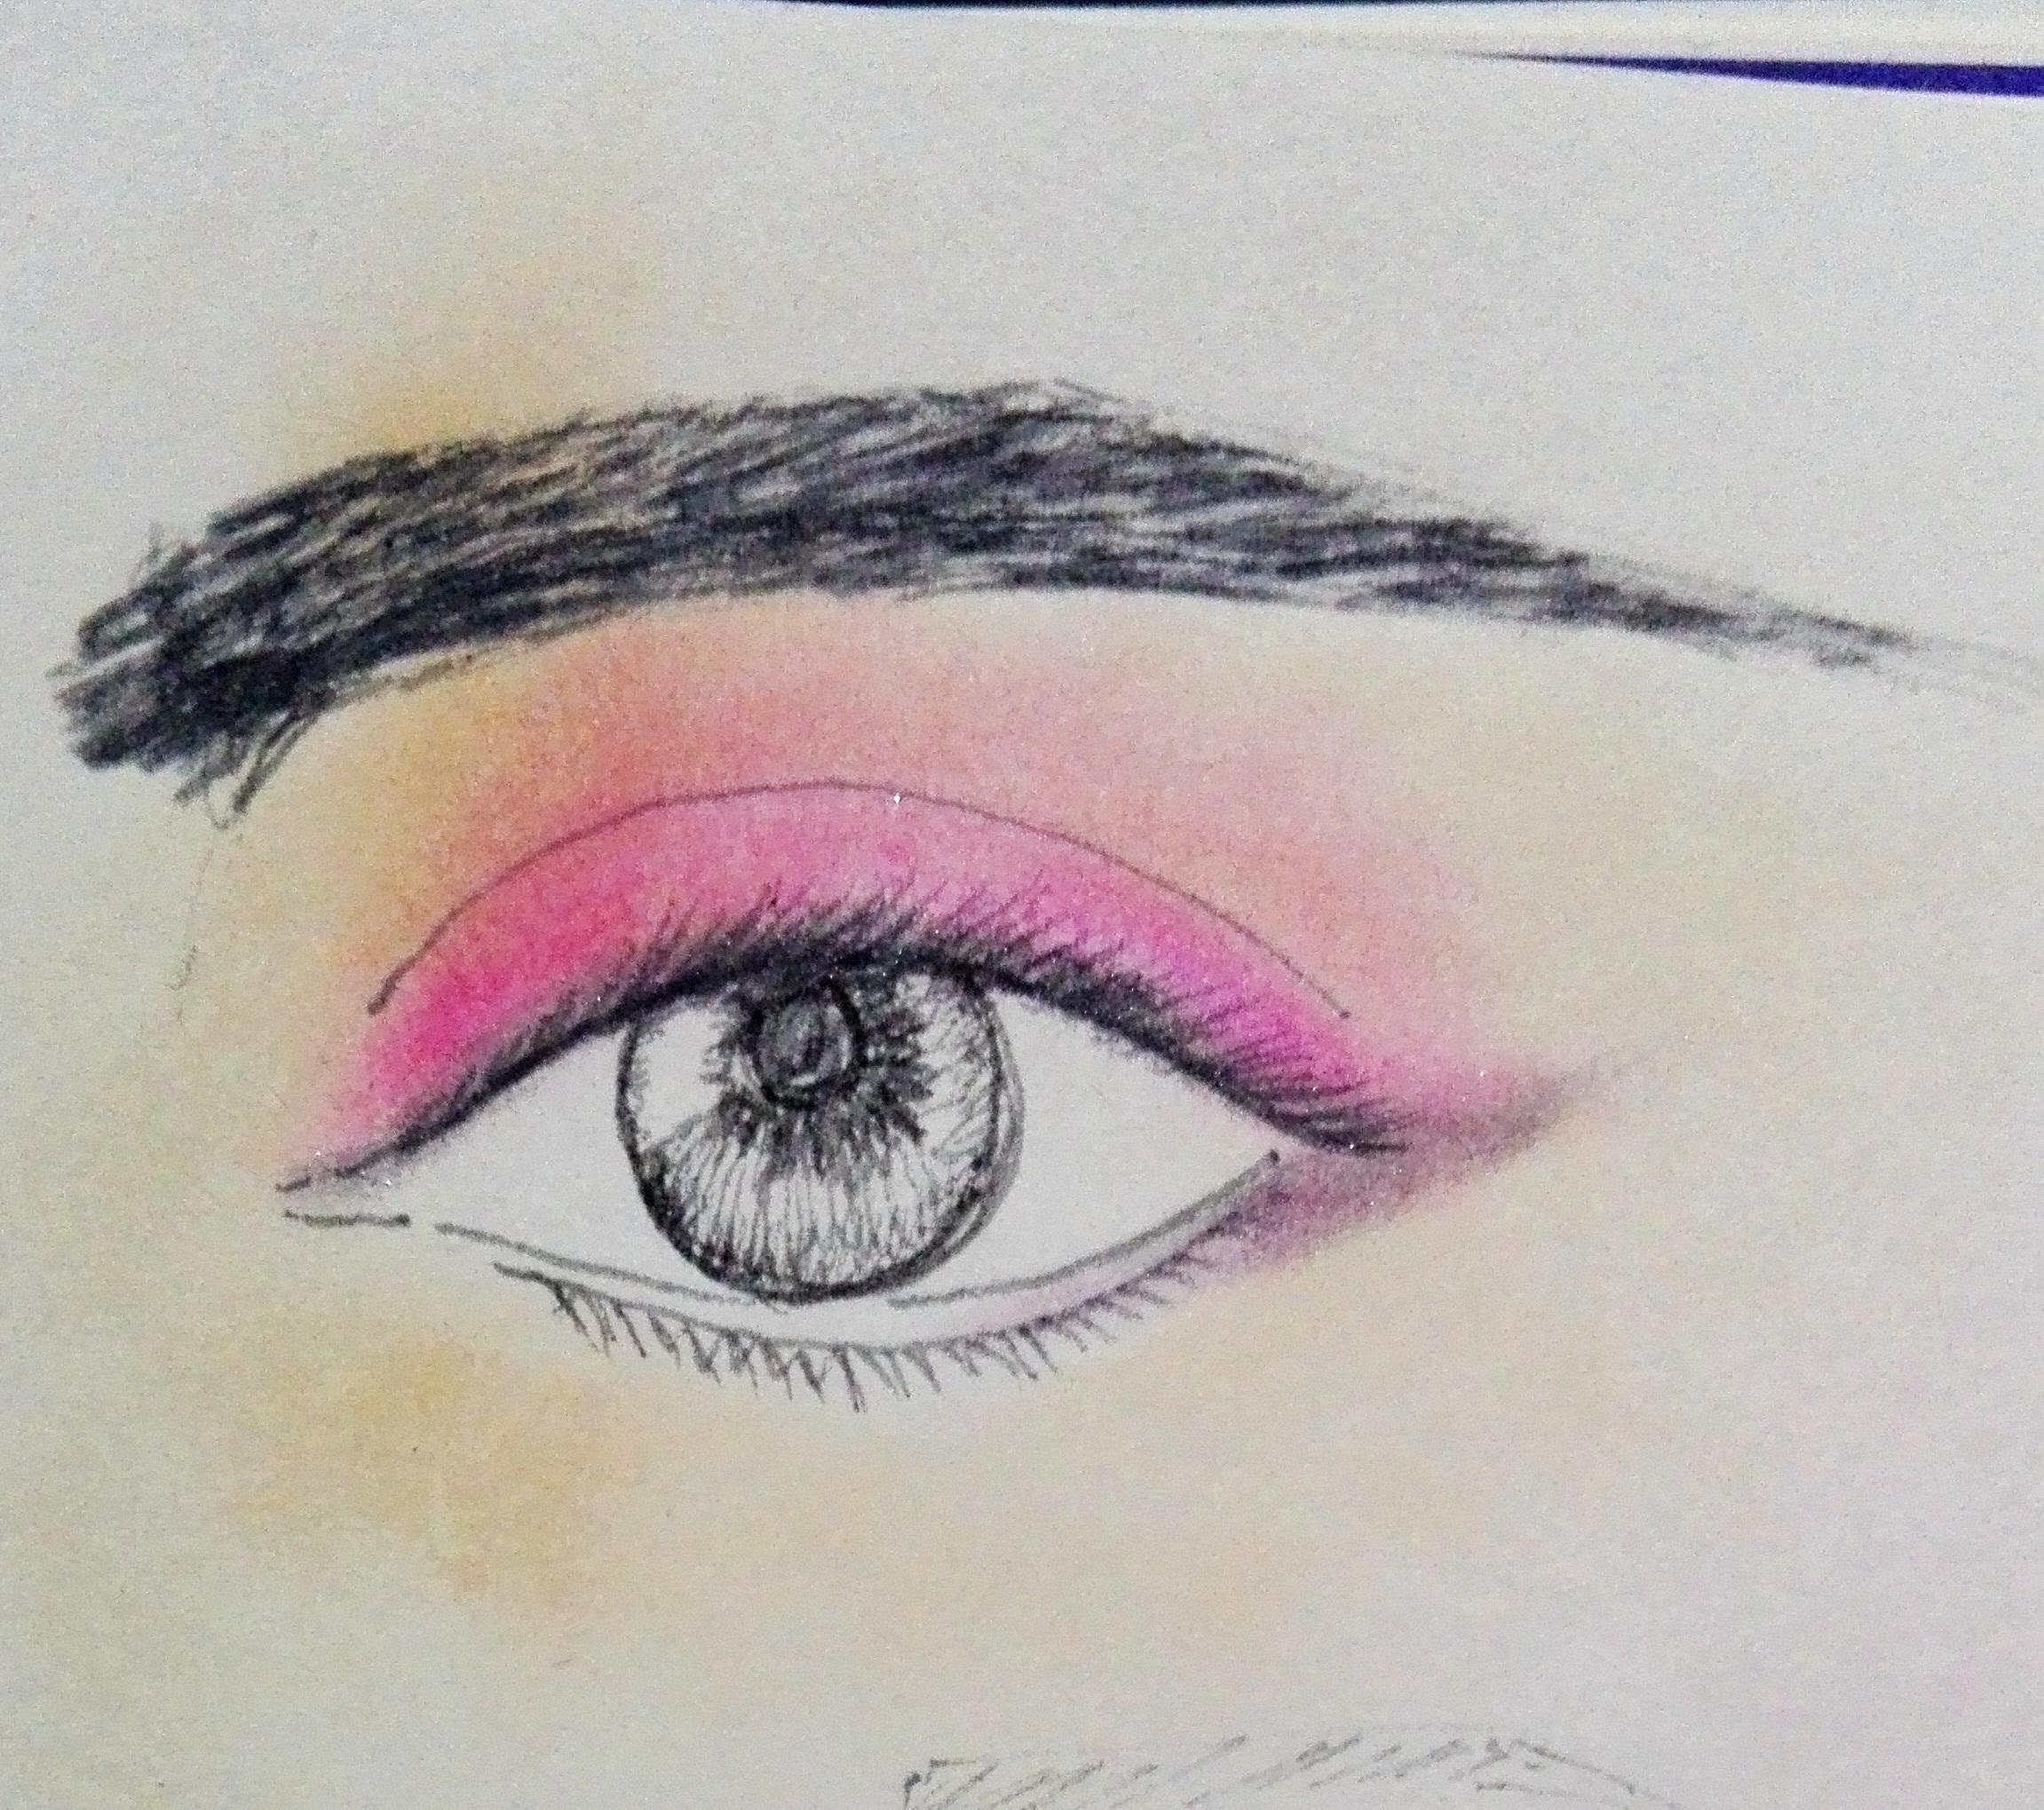 体验团 玛丽黛佳多米诺创意眼影组  > 玛丽黛佳多米诺创意眼影组的图片